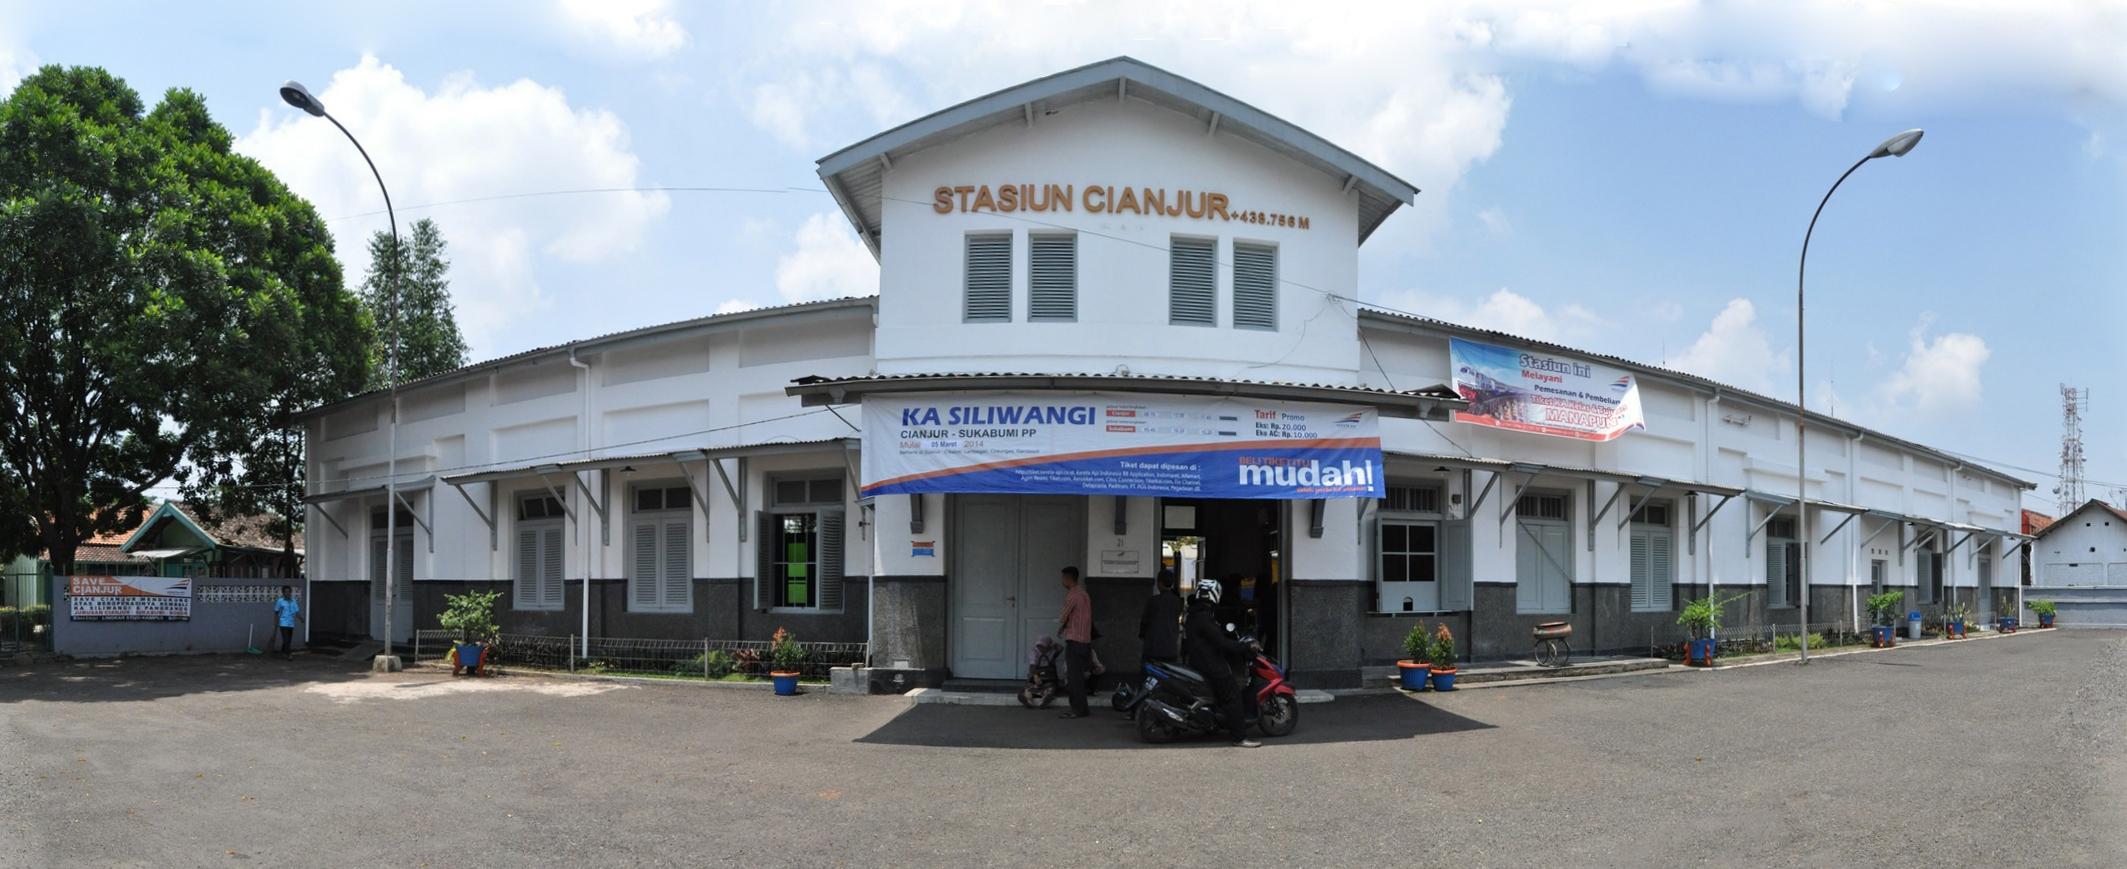 Tampilan depan Stasiun Cianjur, Jawa Barat.